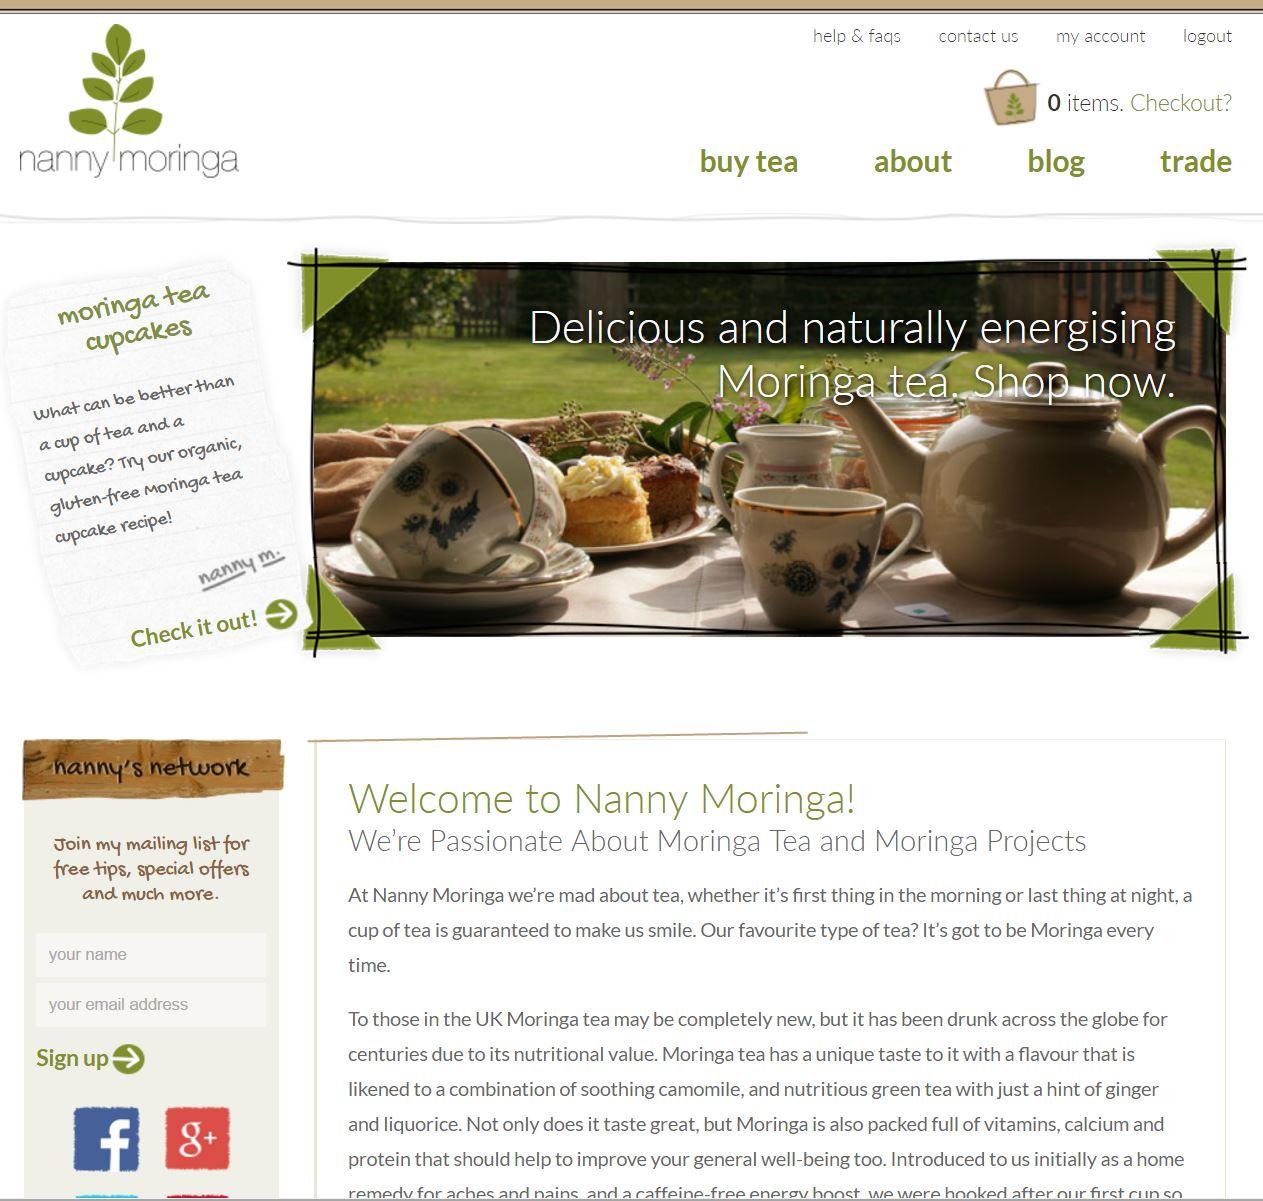 nannymoringa_homepage